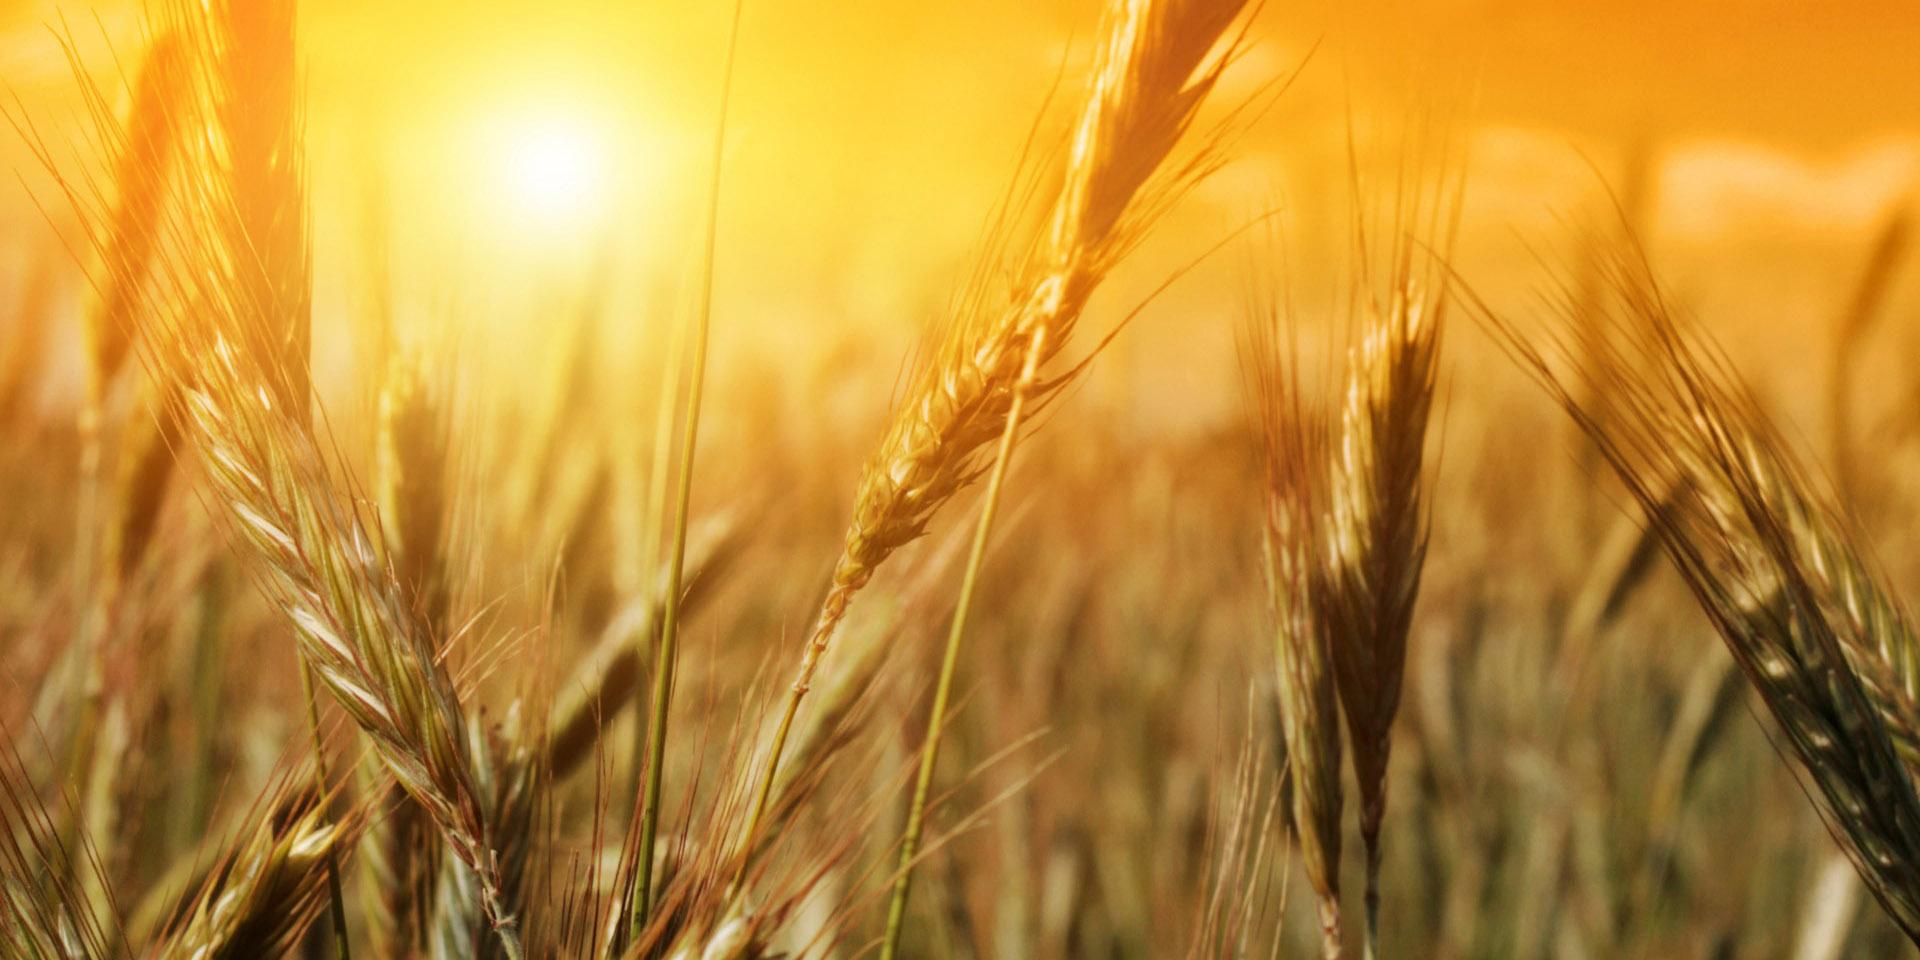 قیمت گندم و جو با عرضه در بورس کالا متعادل میشود